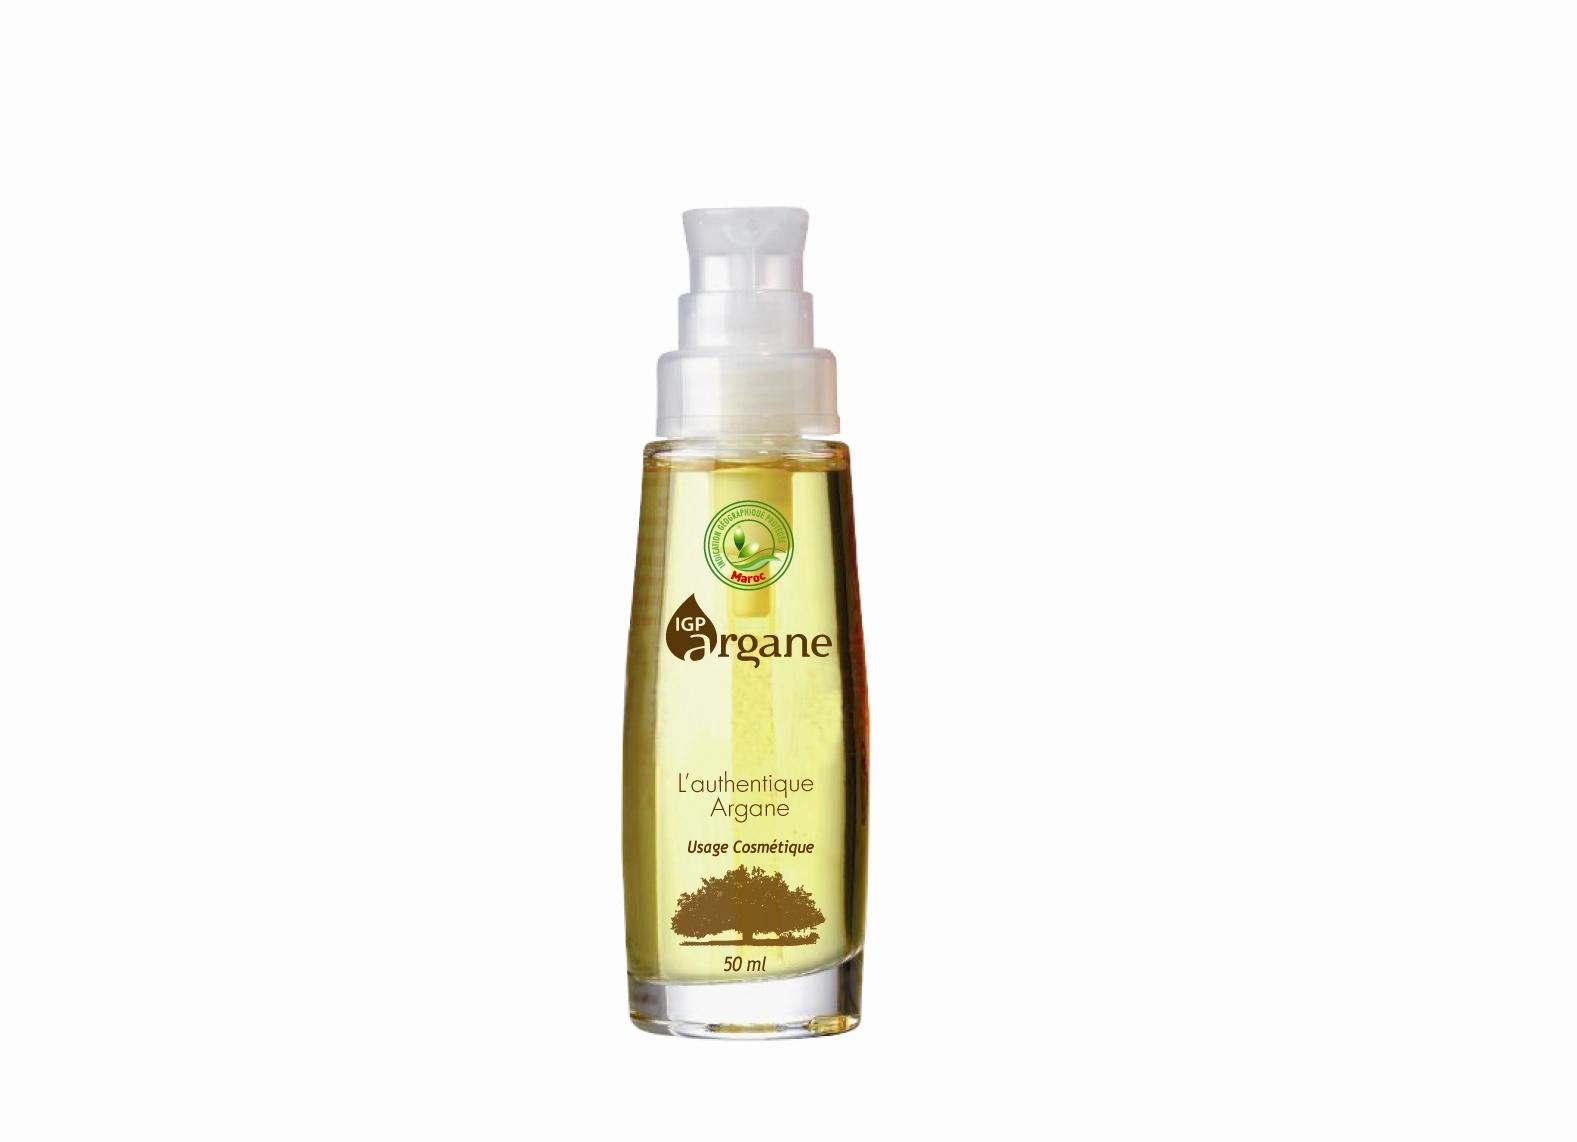 Argan Oil in a small bottle